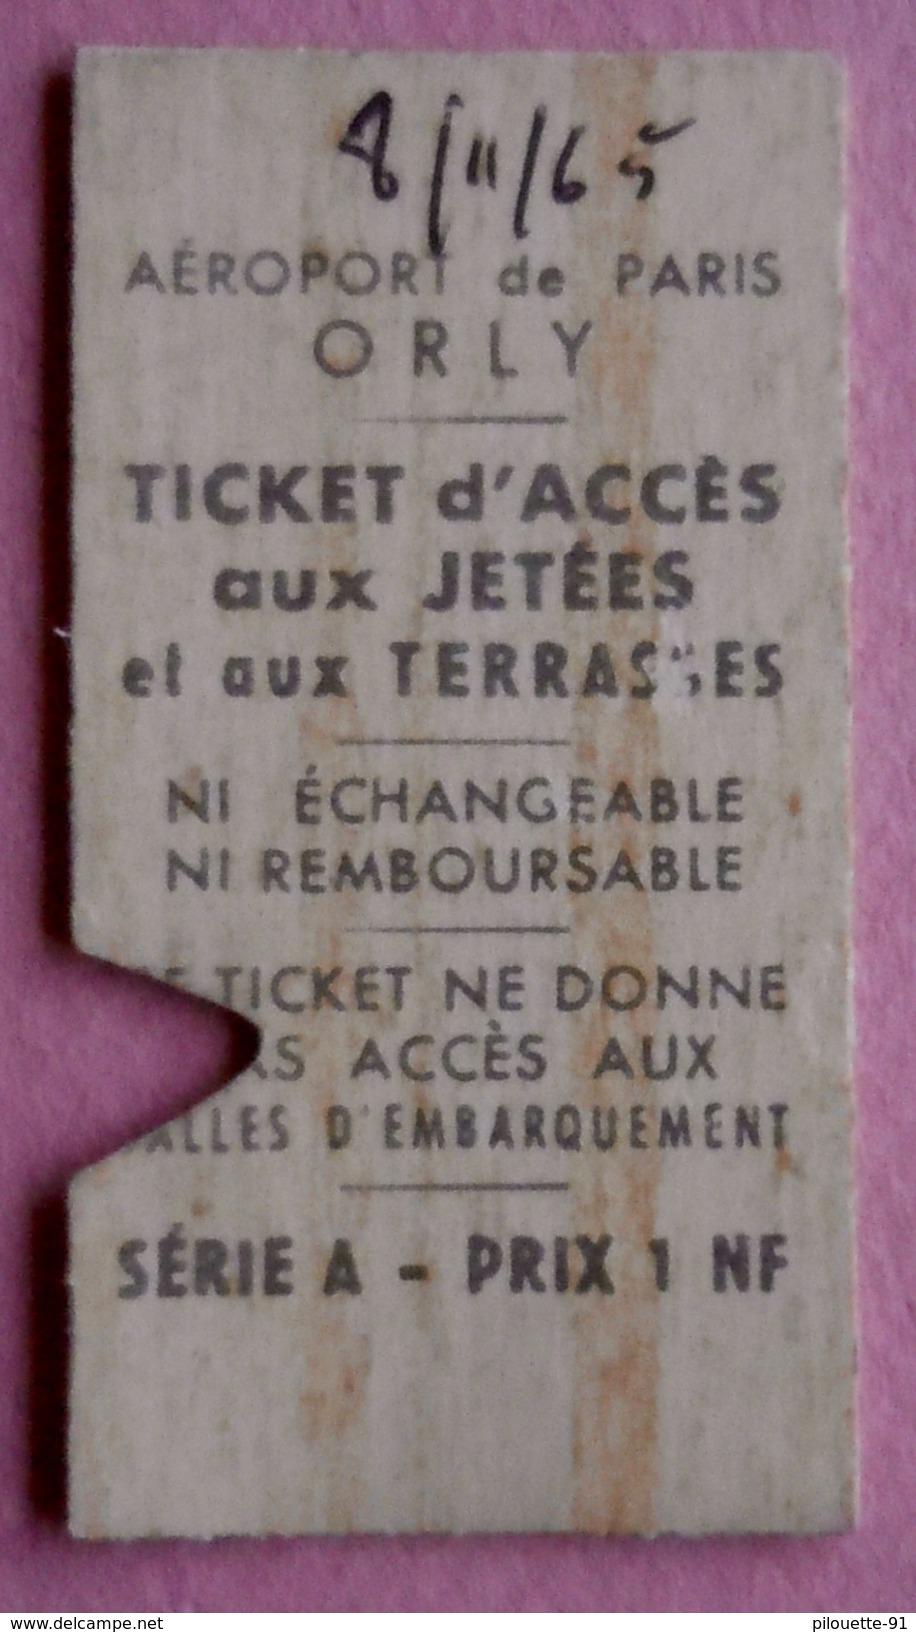 Aéroport De Paris Orly Ticket D'accès Aux Jetées Et Aux Terrasses Série A - Prix 1 NF - Otros